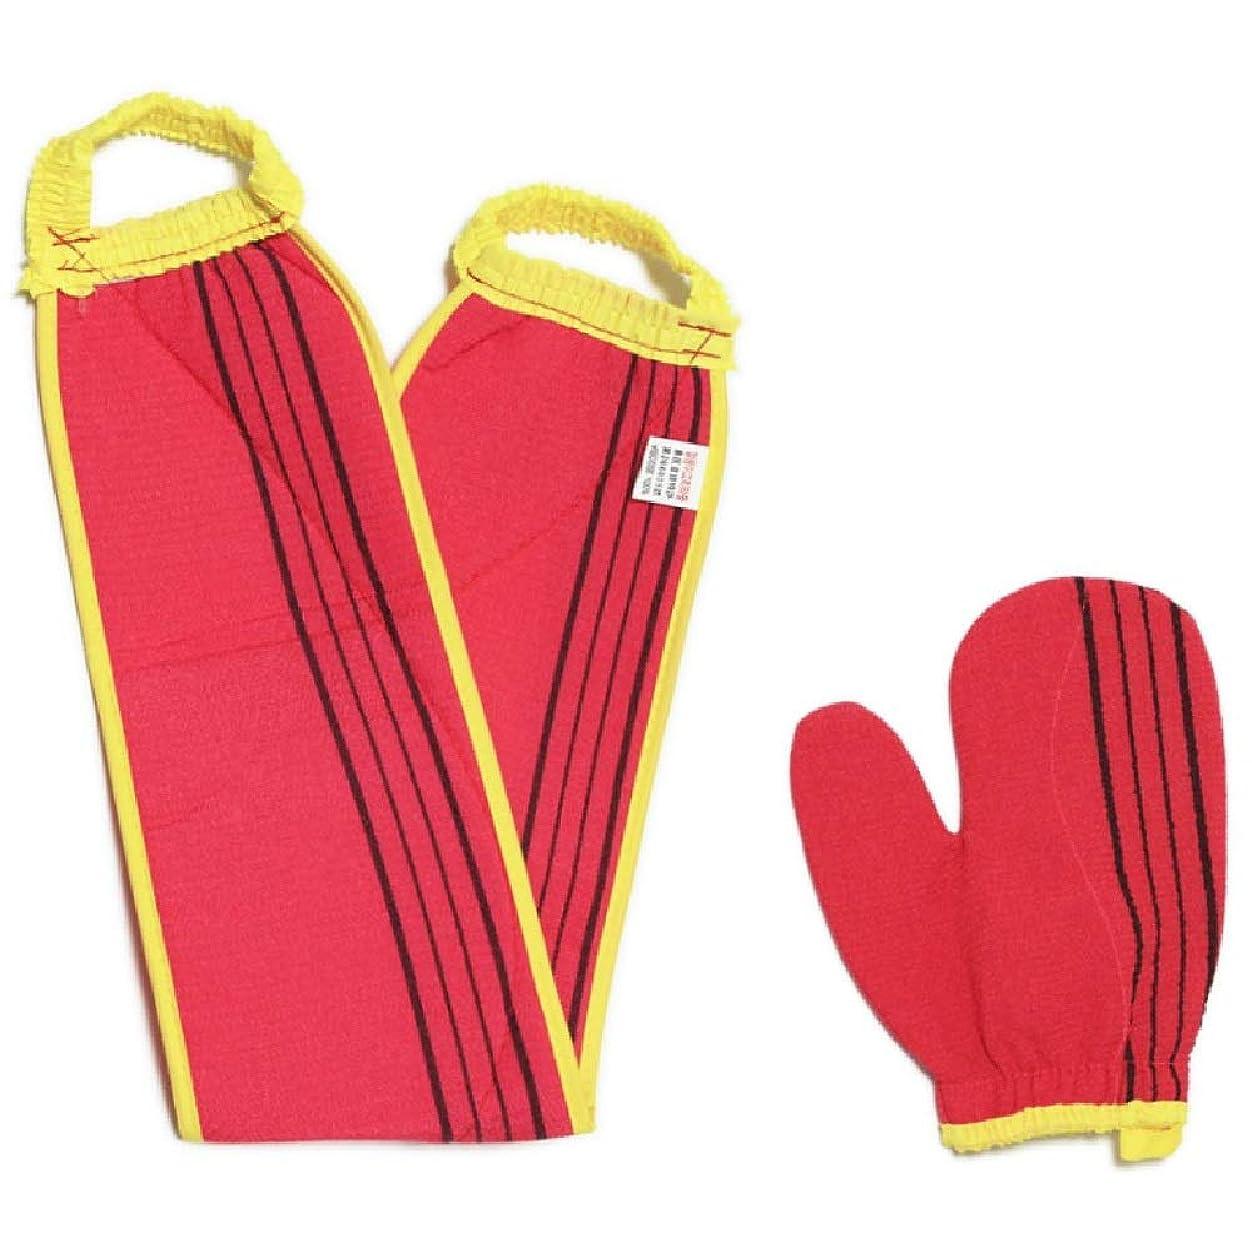 風変わりな寸法伴う(韓国ブランド) スポンジあかすりセット 全身あかすり 手袋と背中のあかすり 全身エステ 両面つばあかすり お風呂グッズ ボディタオル ボディースポンジ (赤色セット)